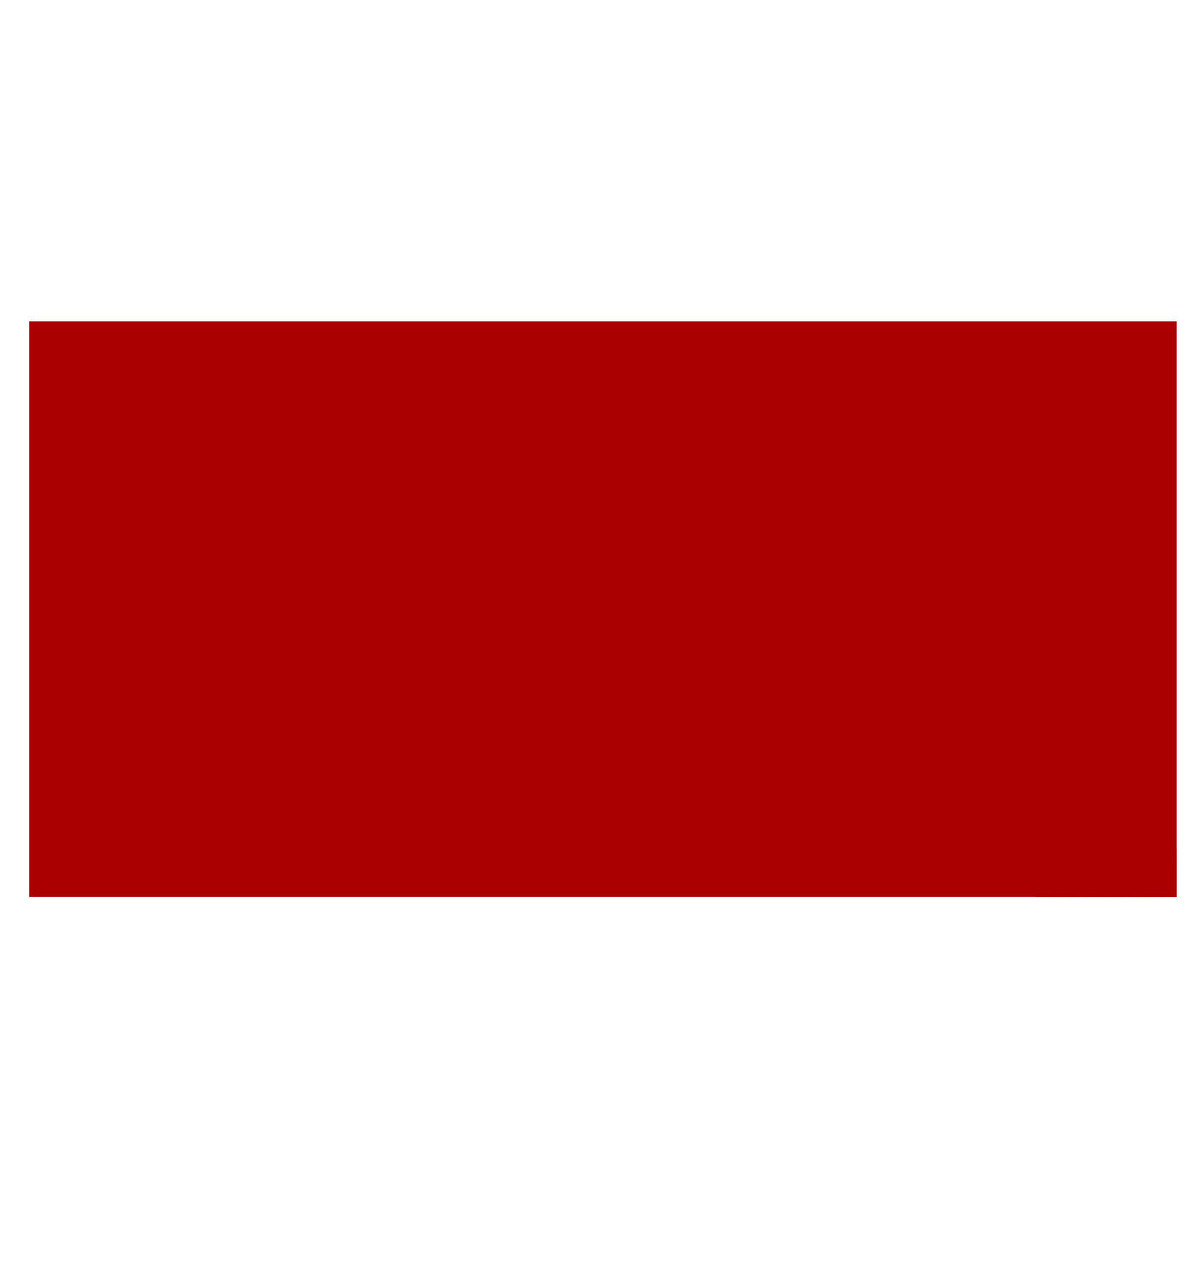 Roll Out Red Carpet (Vinyl Floor Mat) 2647